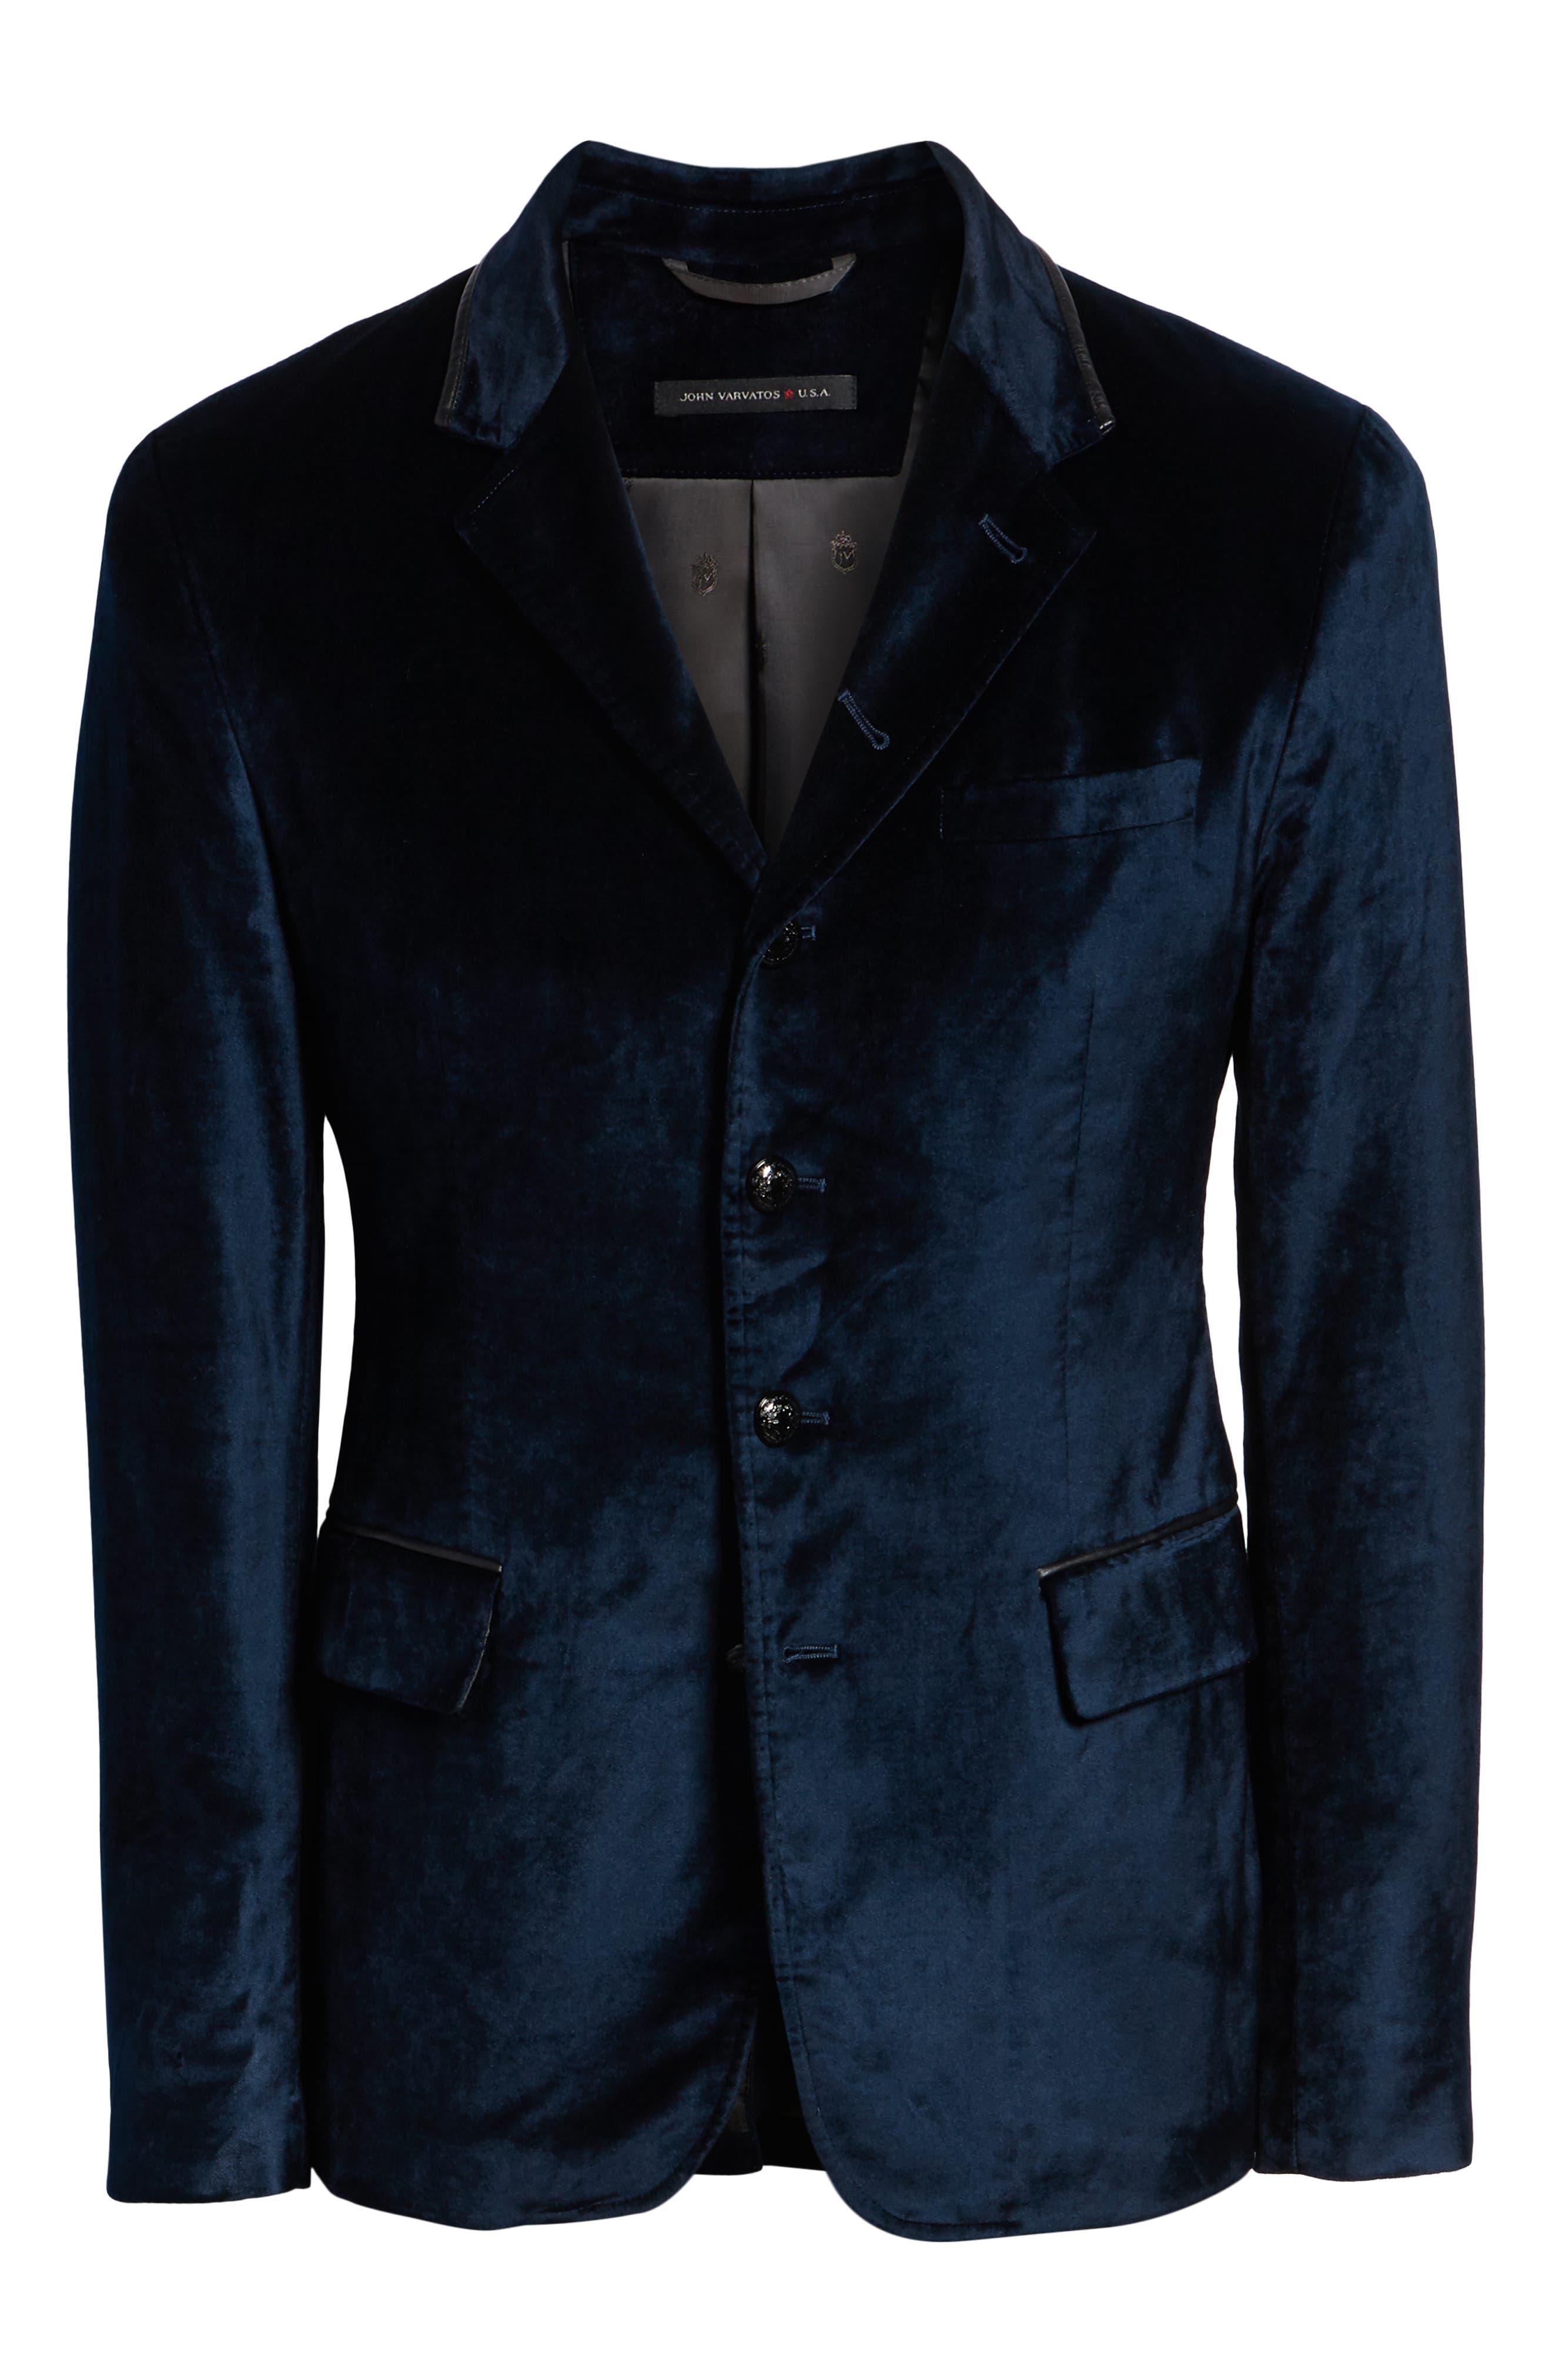 Velvet Dinner Jacket with Leather Trim,                             Alternate thumbnail 5, color,                             478